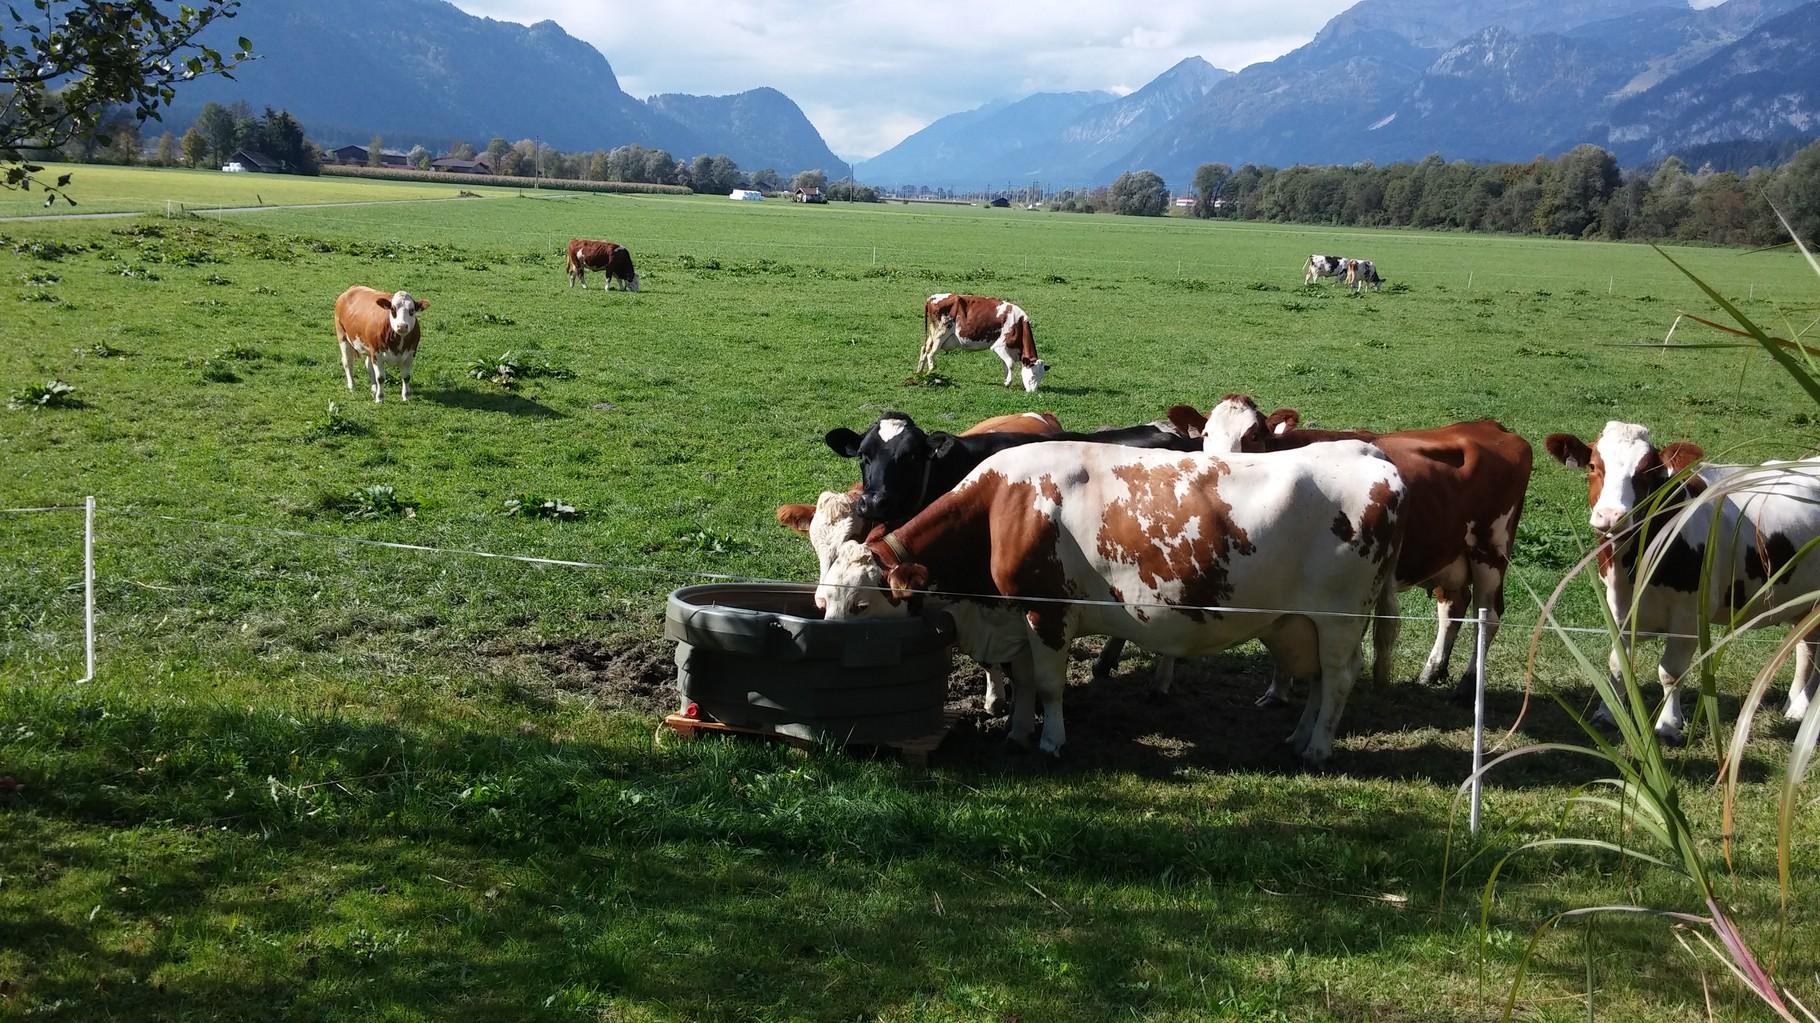 eine nachhaltige Landwirtschaft neben den zahlreichen Industriebetrieben